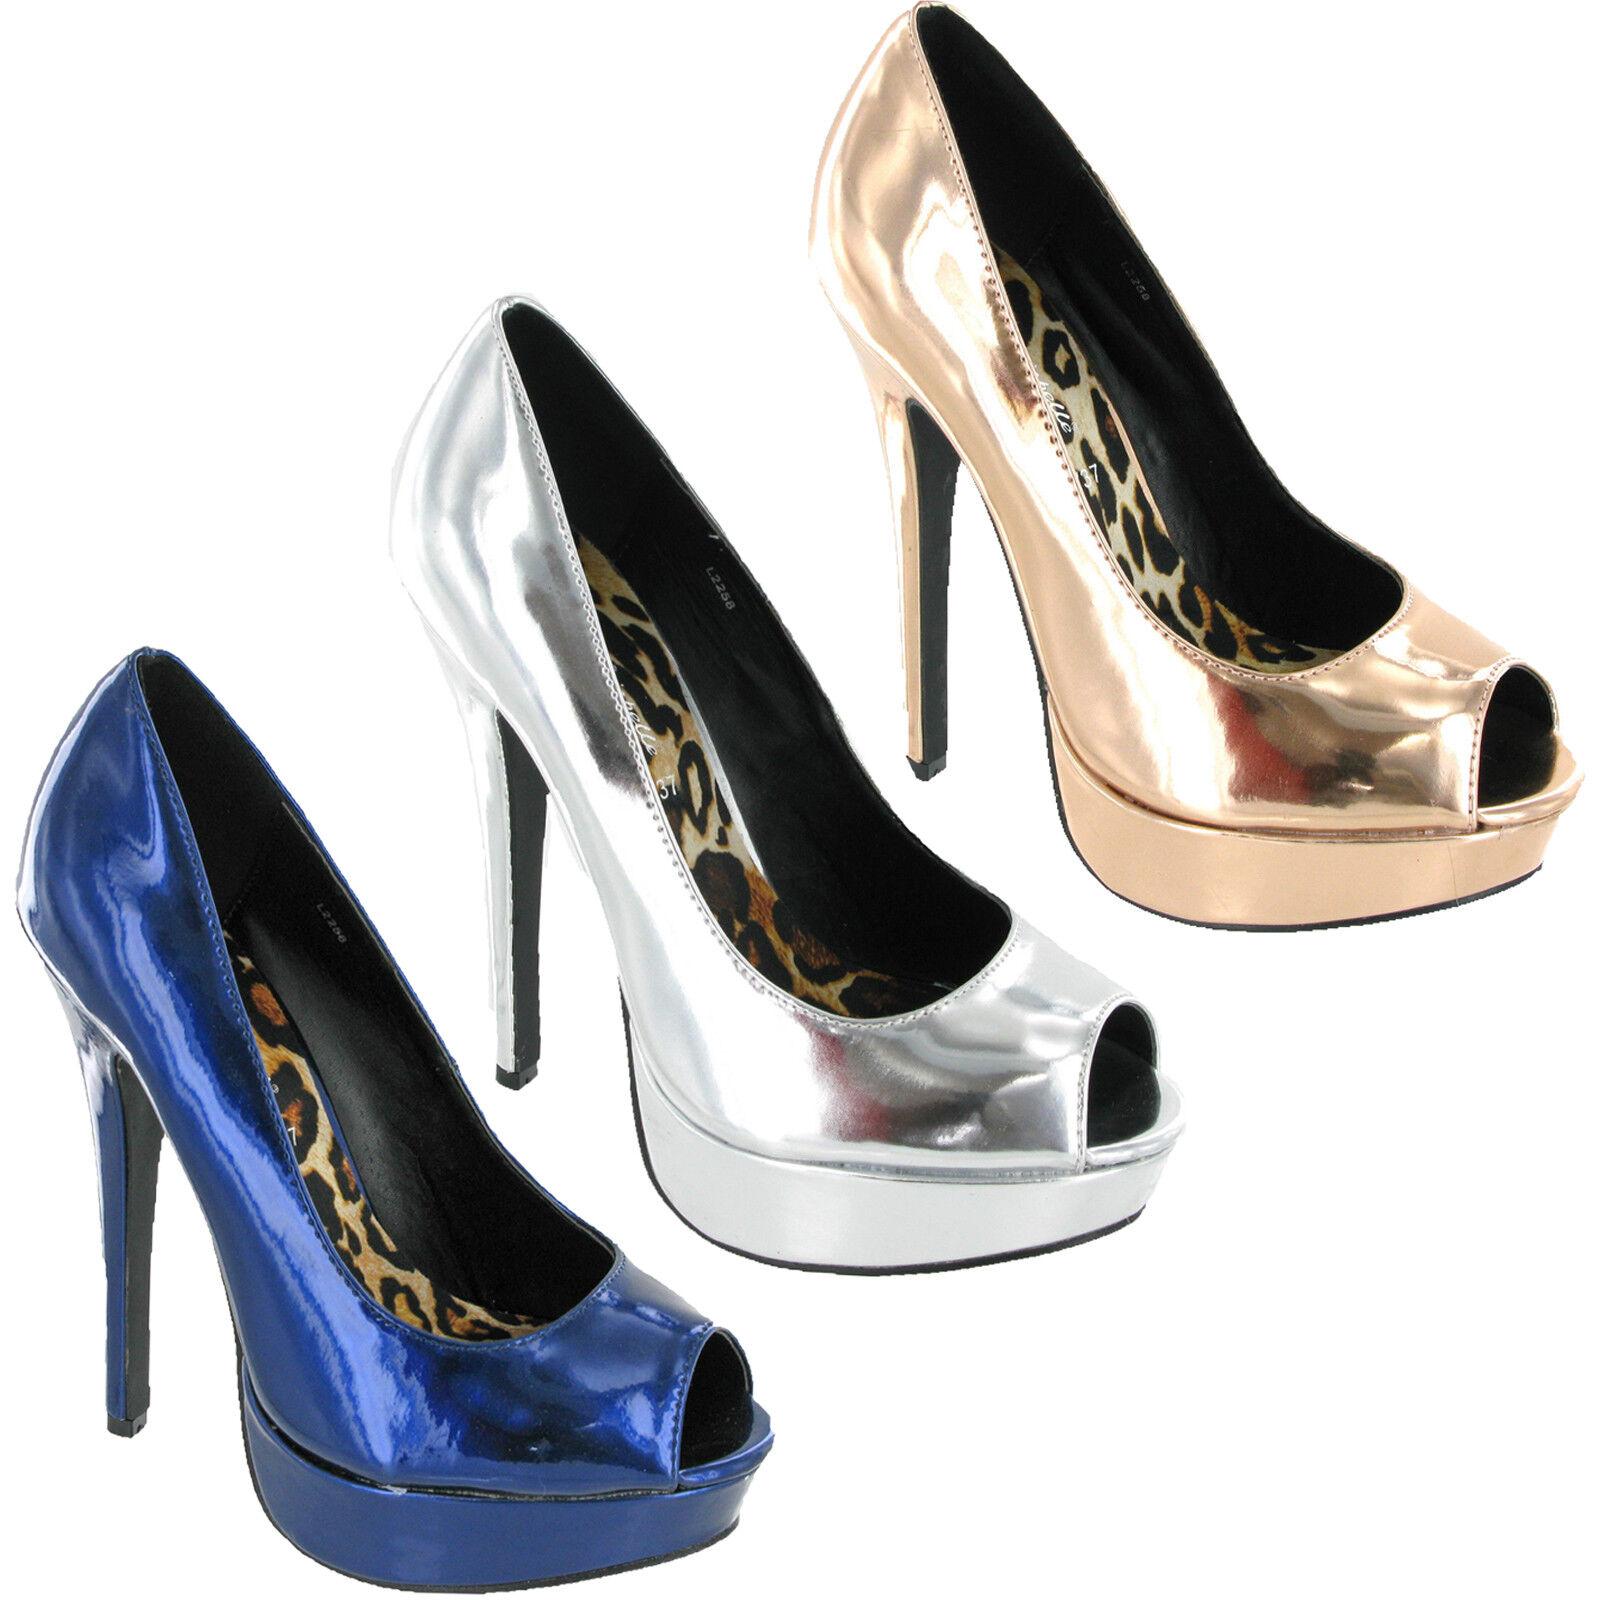 Mujer Tacón Alto Fiesta Peep-Toe Plataforma de Salón Fiesta Alto Zapatos de Mujer 666fe3